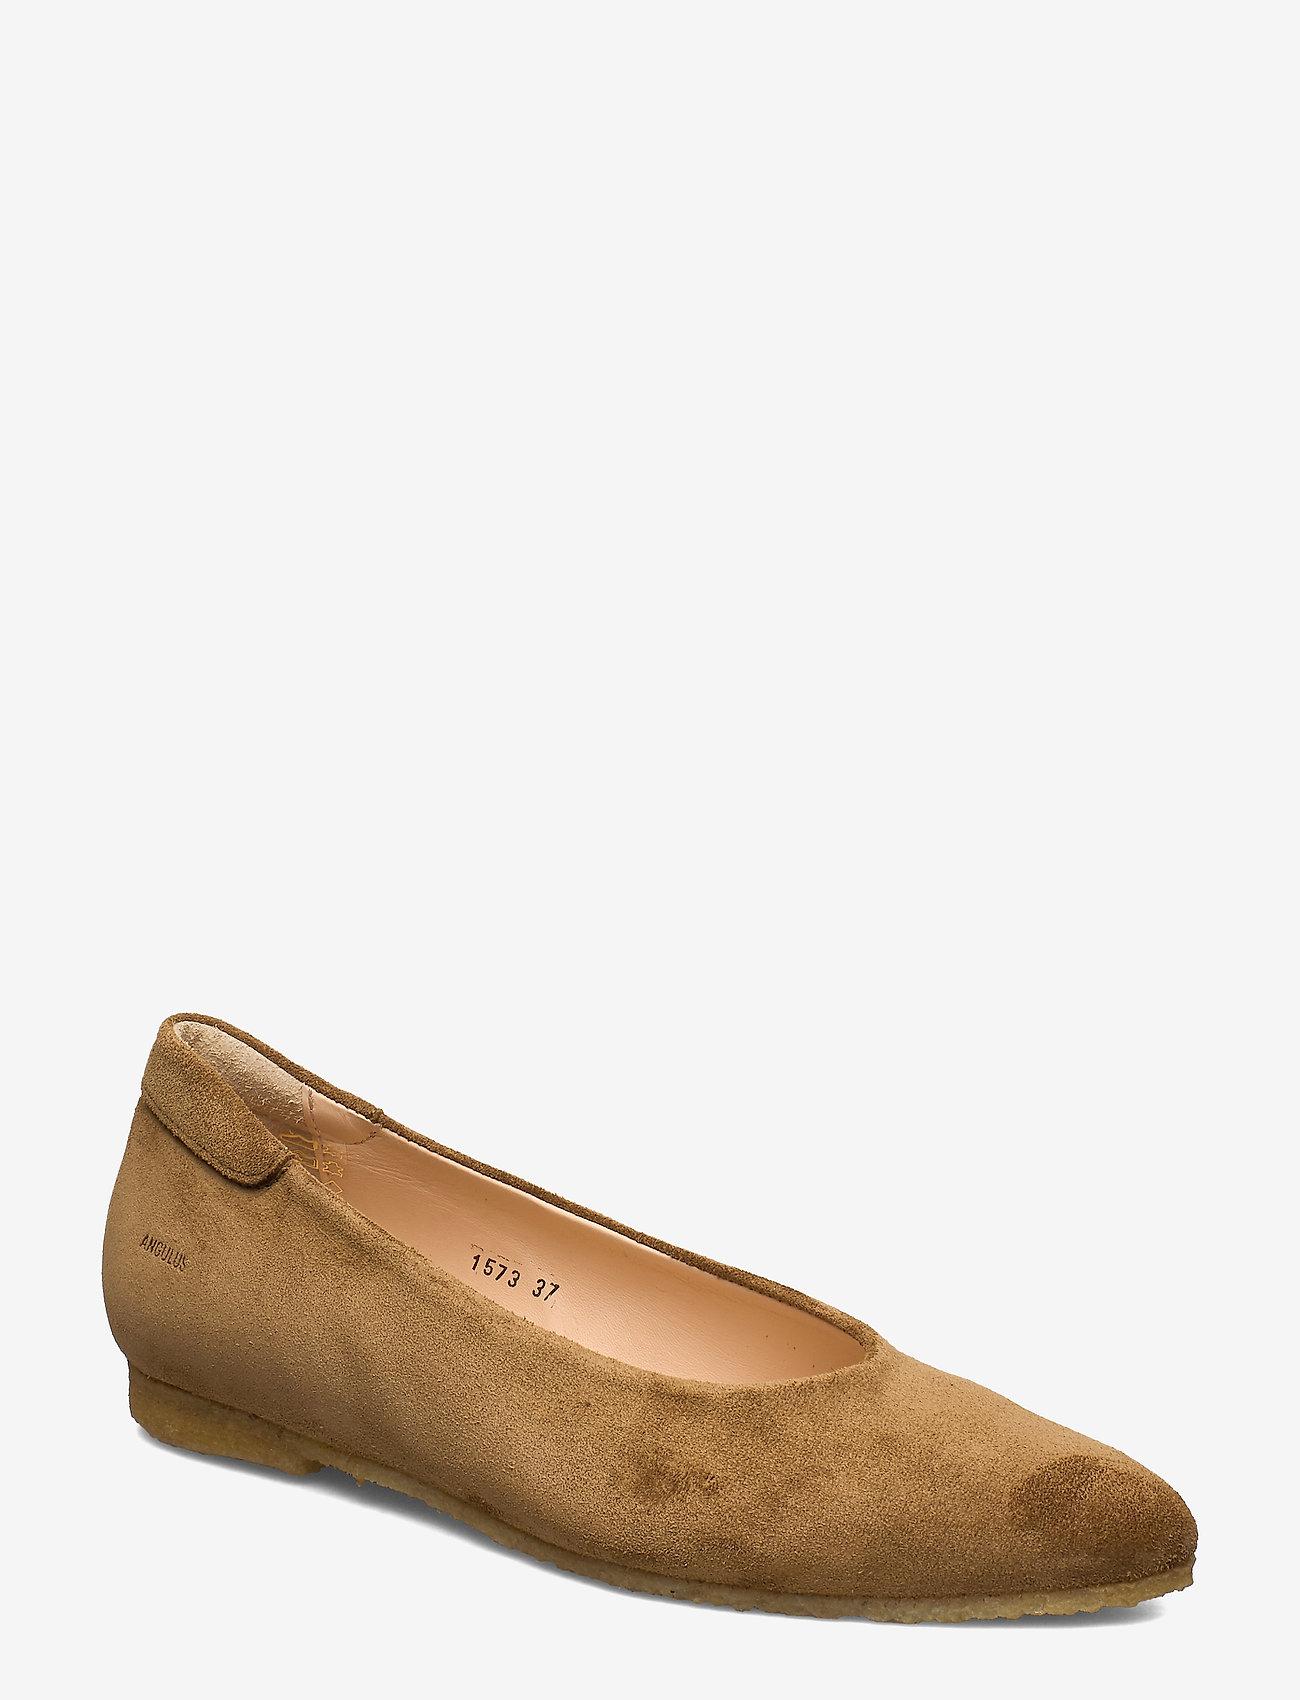 ANGULUS - Ballerina - ballerinas - 2209 mustard - 0